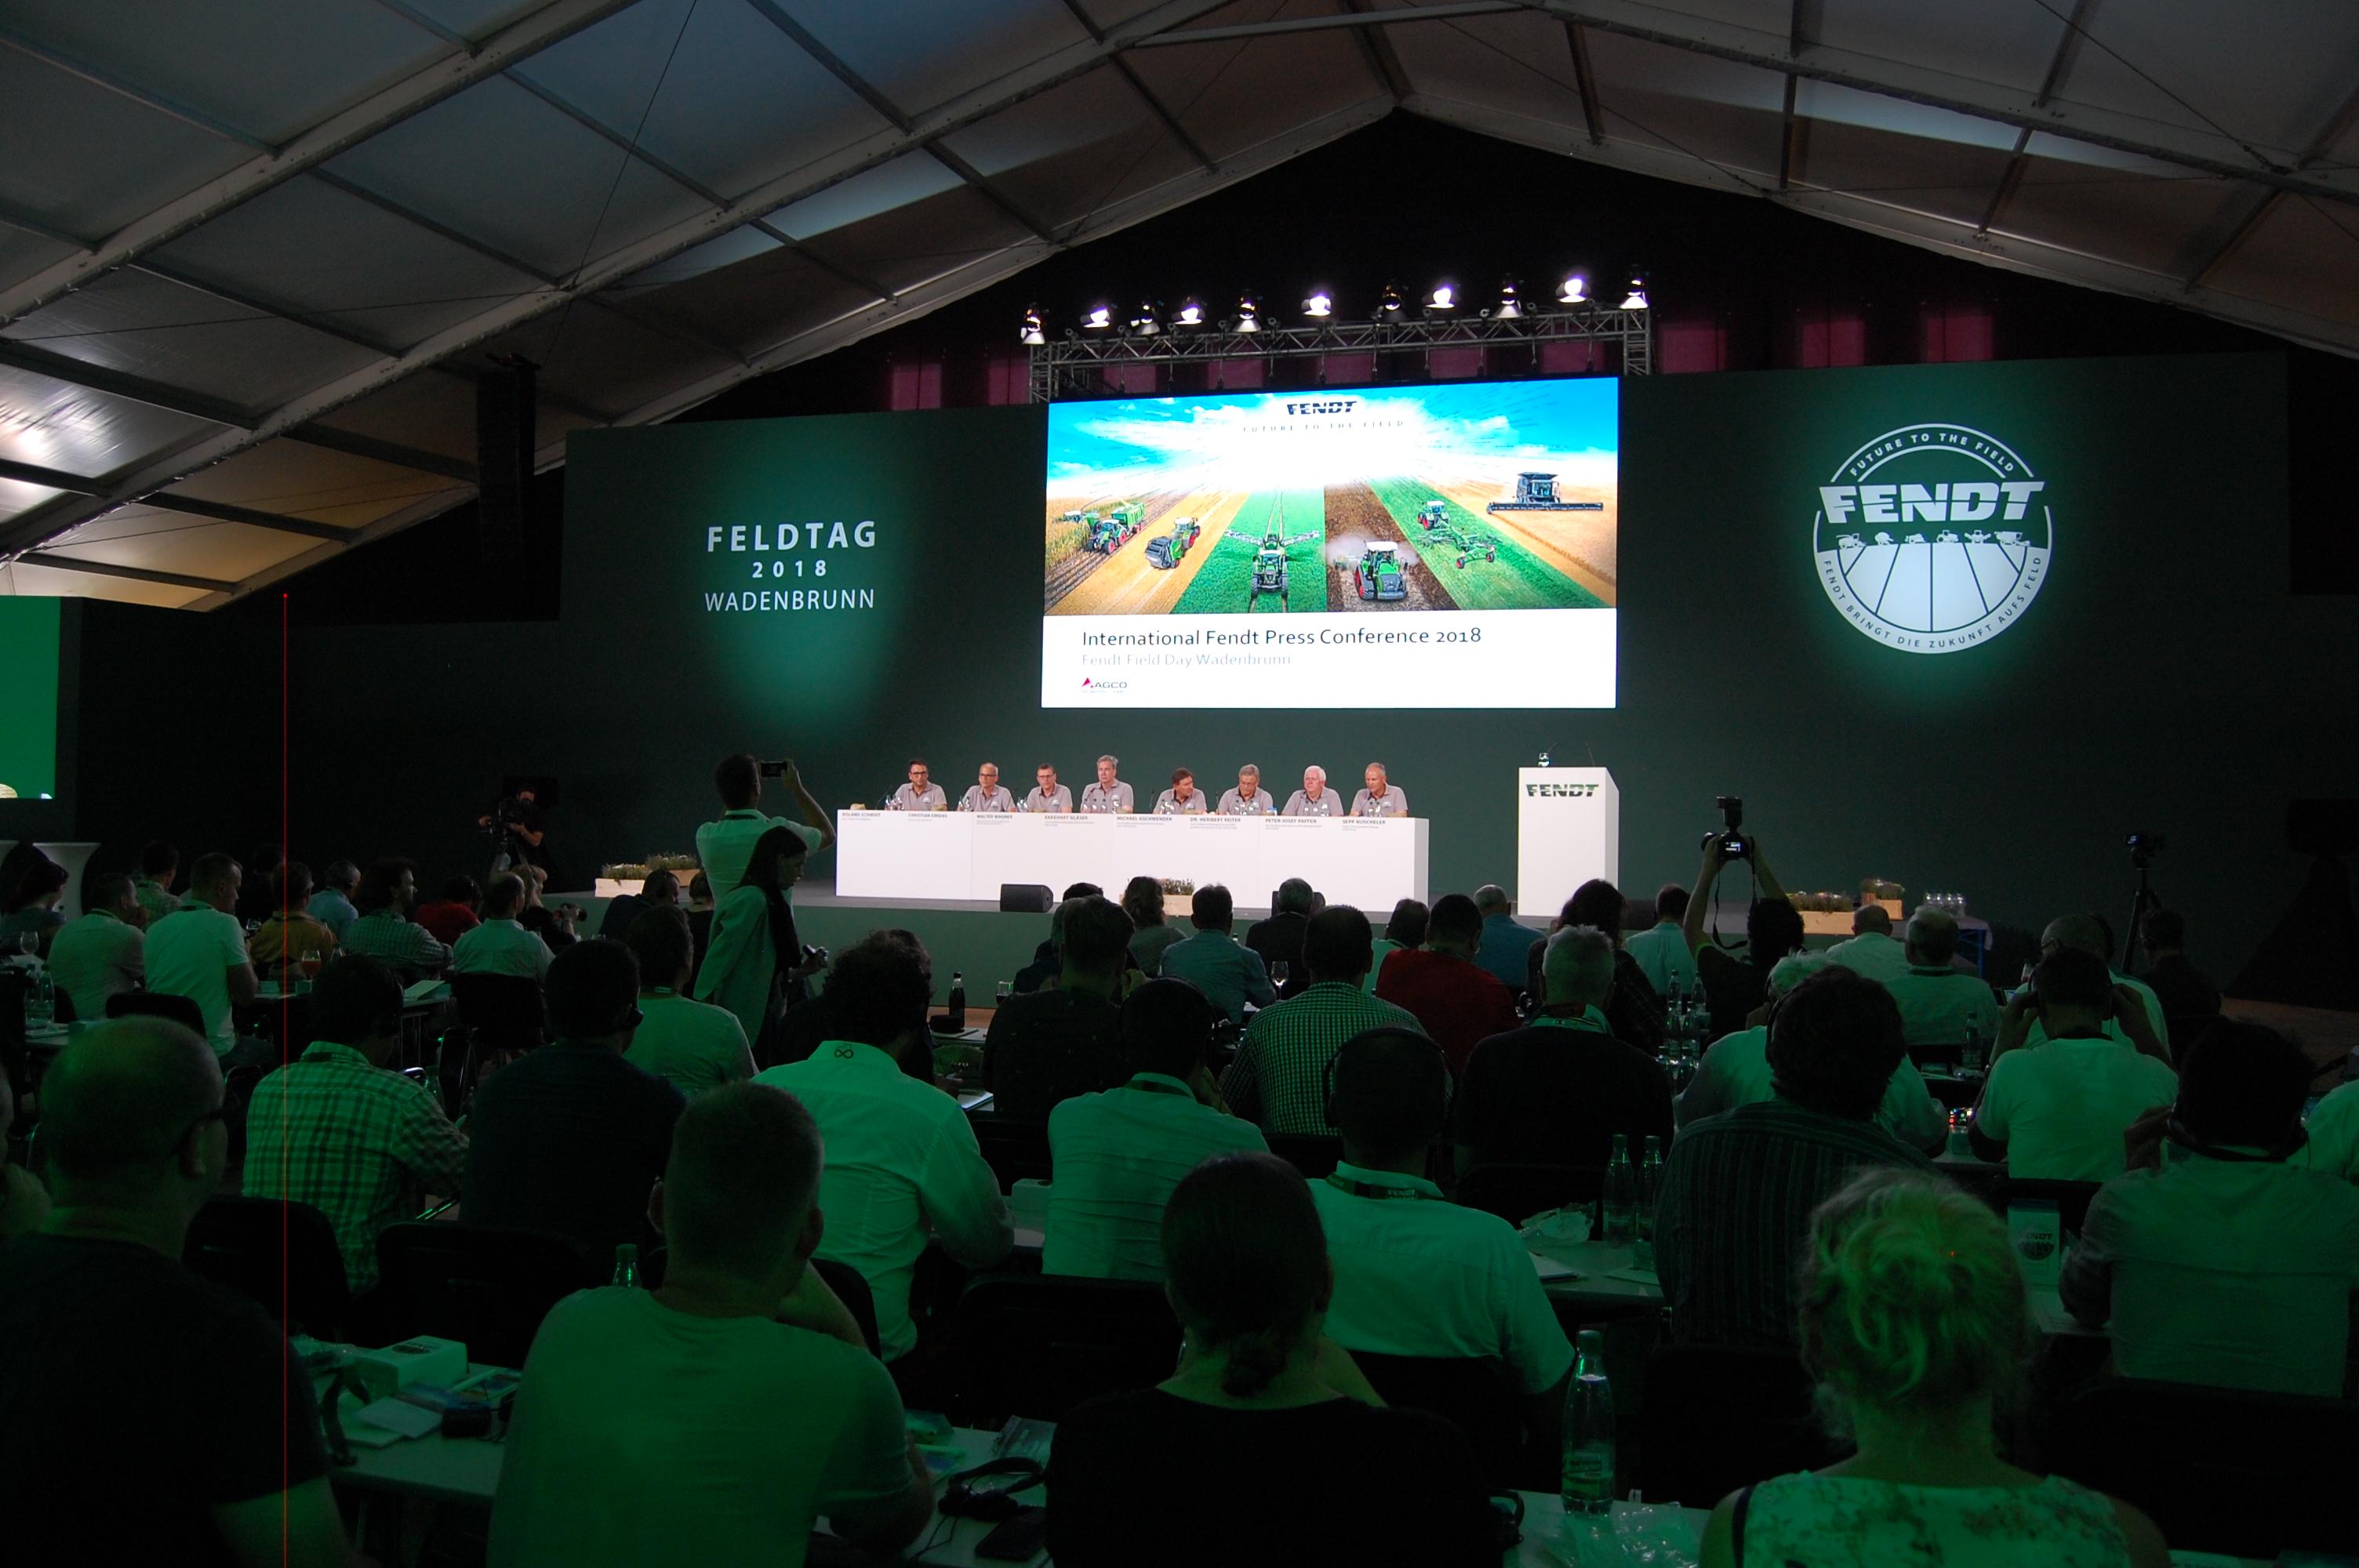 Fendt_Field_Day_Wadenbrunn2018-097